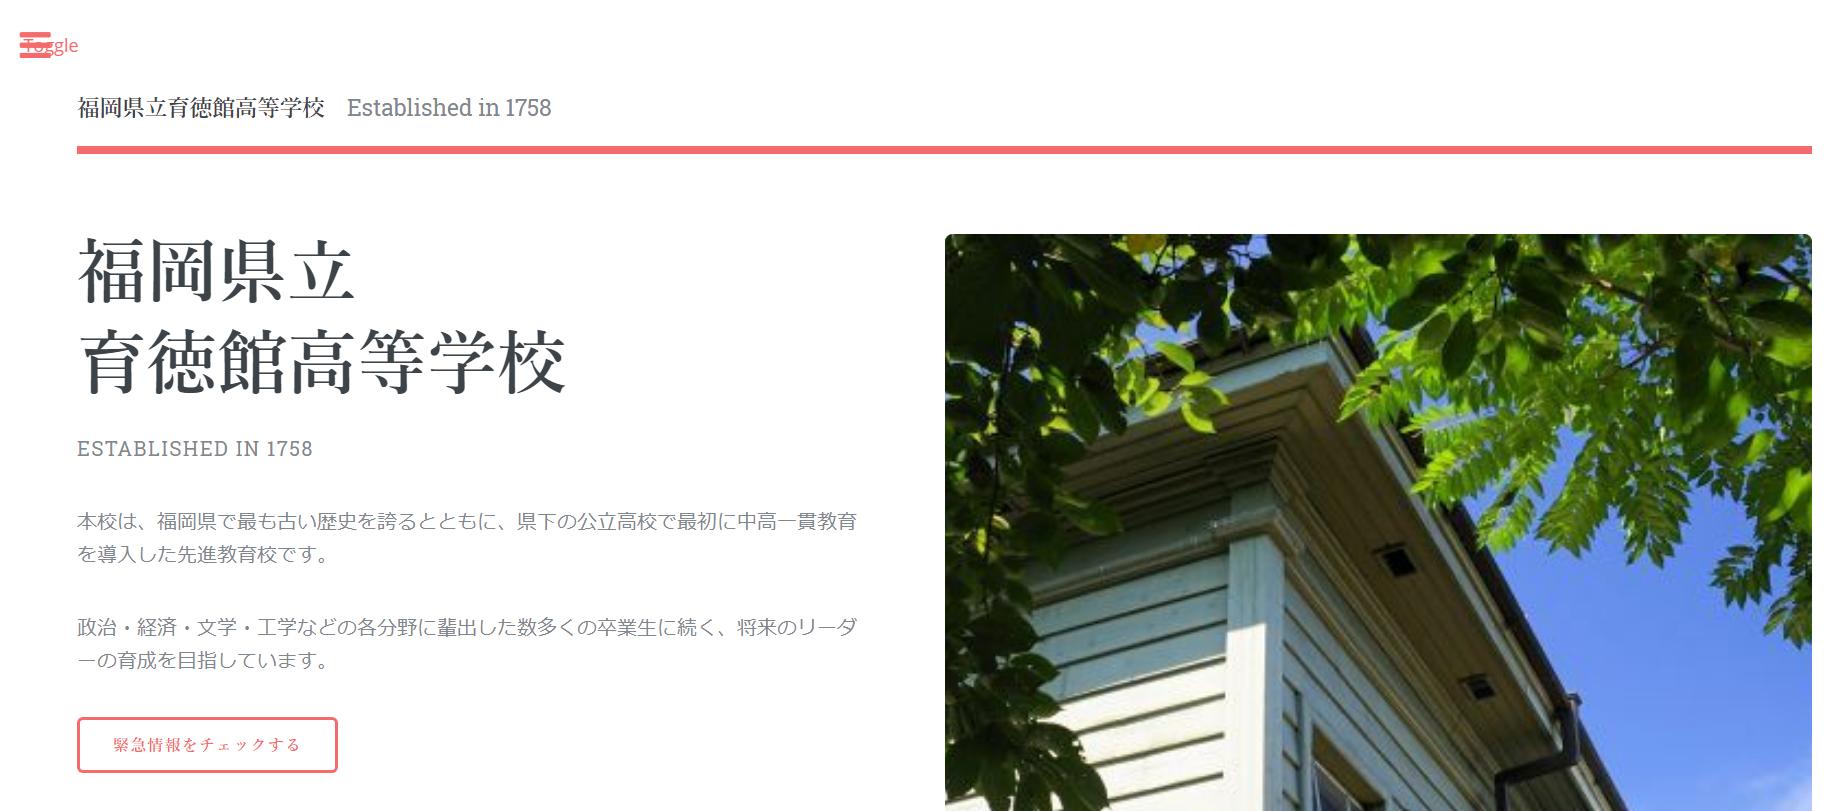 育徳館高校の口コミ・評判